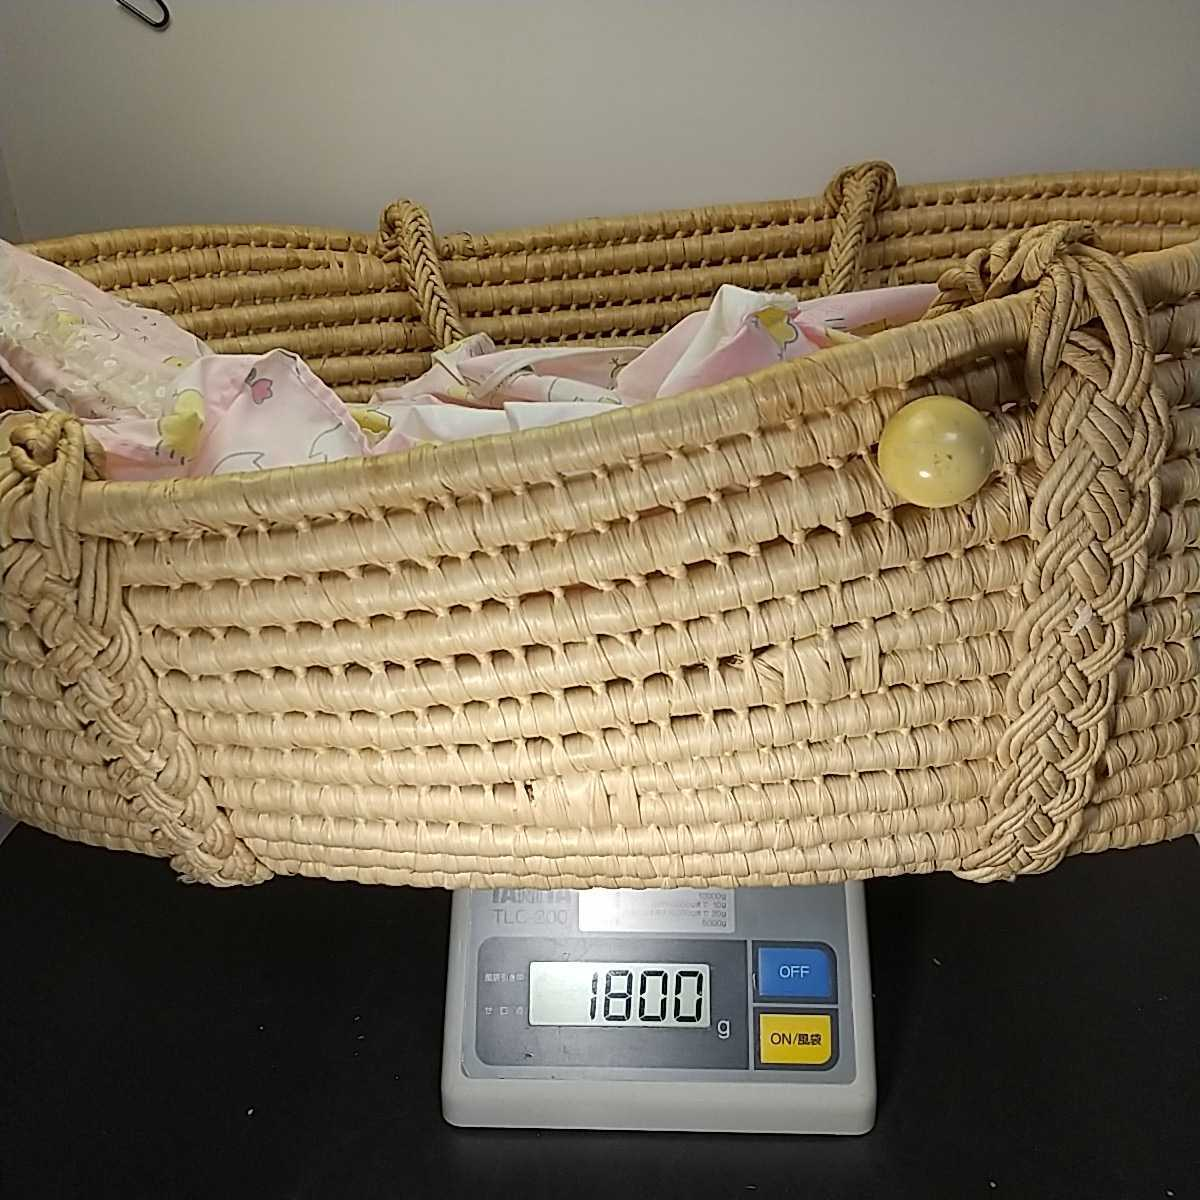 9671 ベビークーハン ゆりかご 赤ちゃんキャリーベッド バスケット ナチュラル天然素材 お昼寝 持運び籠 昭和レトロ 83×53×24cm 同梱NG_画像7